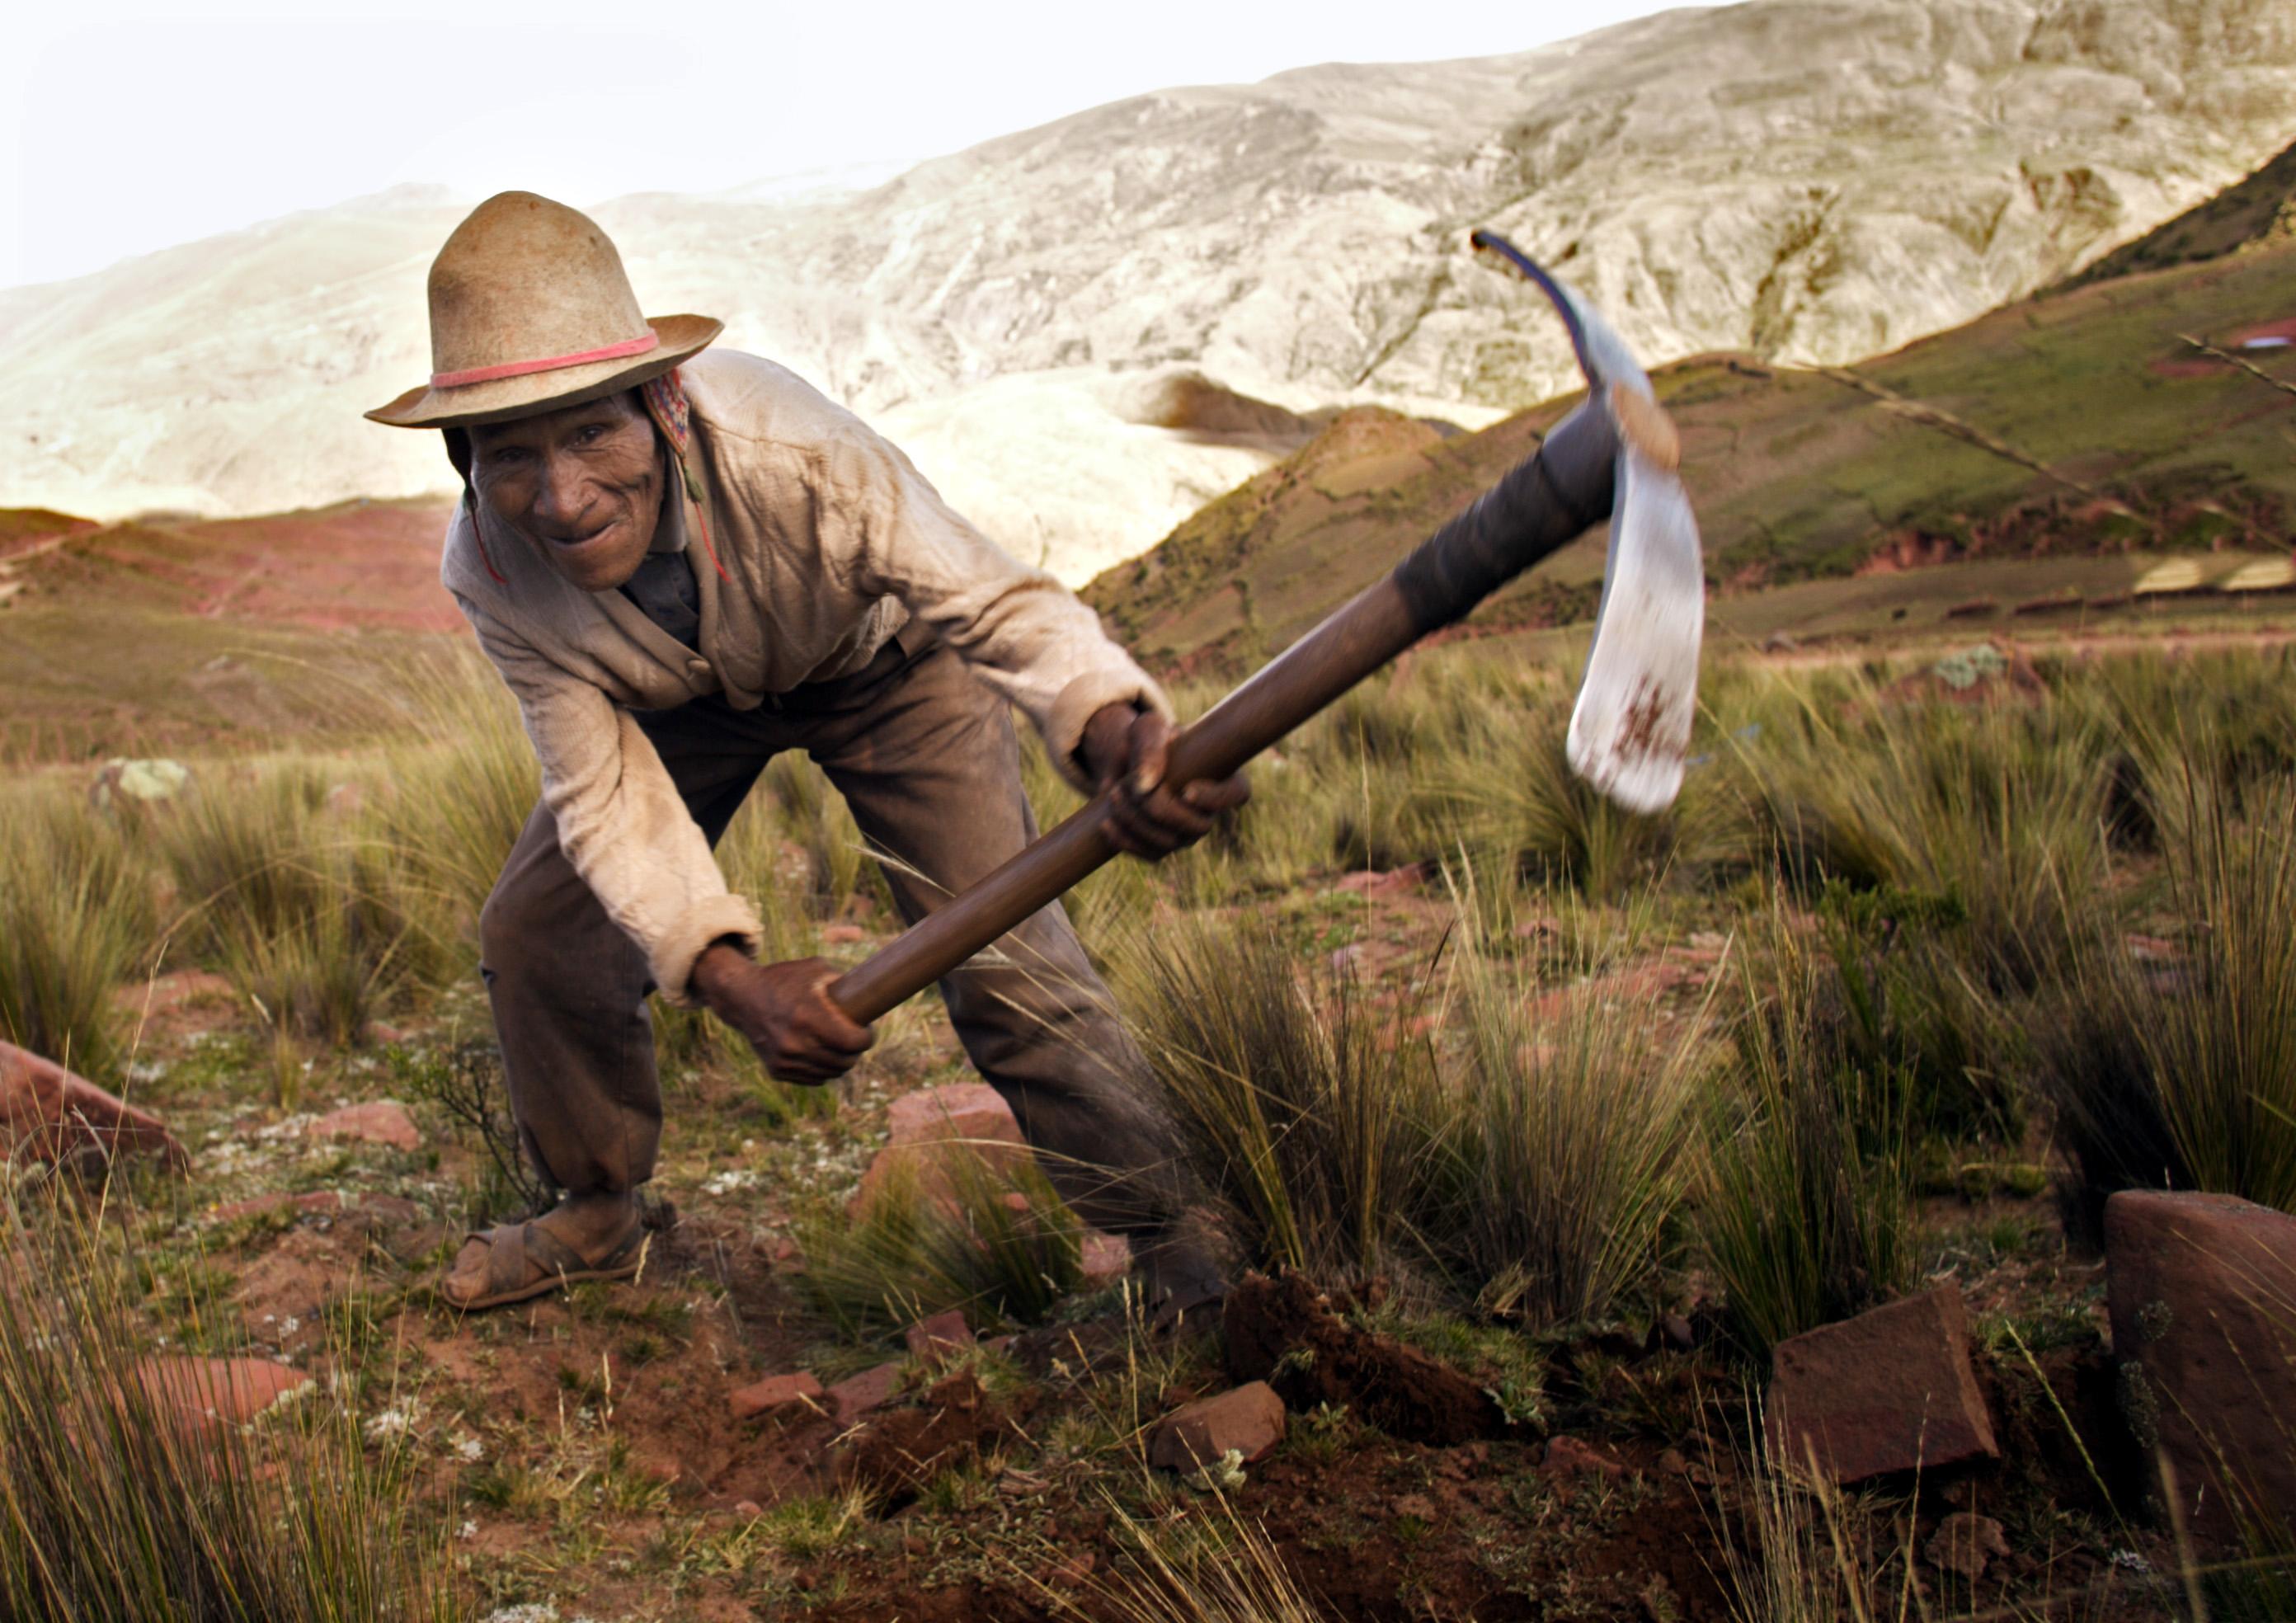 Ein Bauer in den bolivianischen Anden bei Cochabamba legt einen Erosionsschutzwall an.